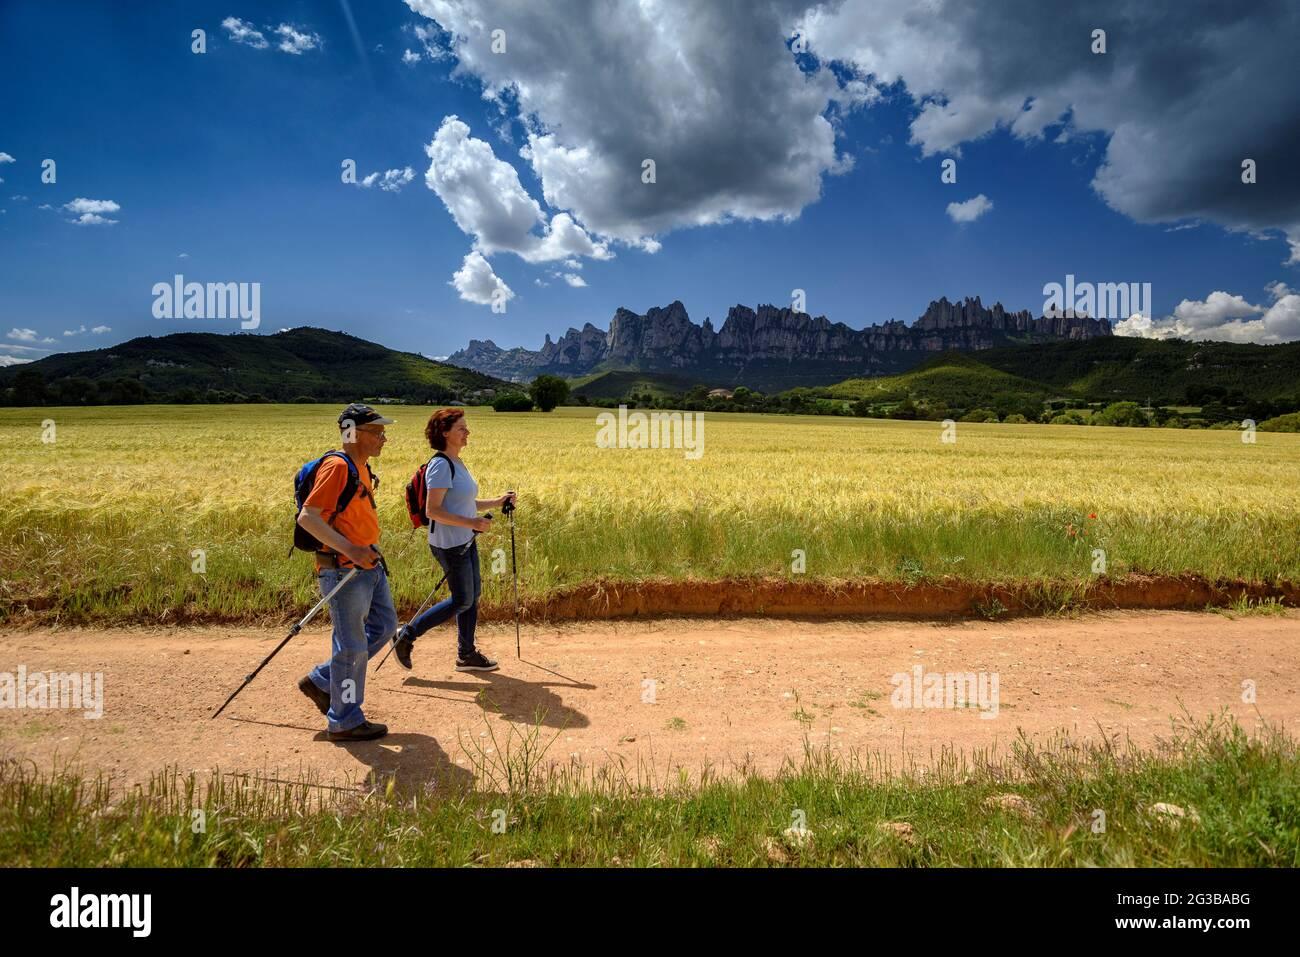 Excursionistas caminando entre campos en el Pla de Masroig, con la montaña de Montserrat en el fondo (Bages, Barcelona, Cataluña, España) Foto de stock